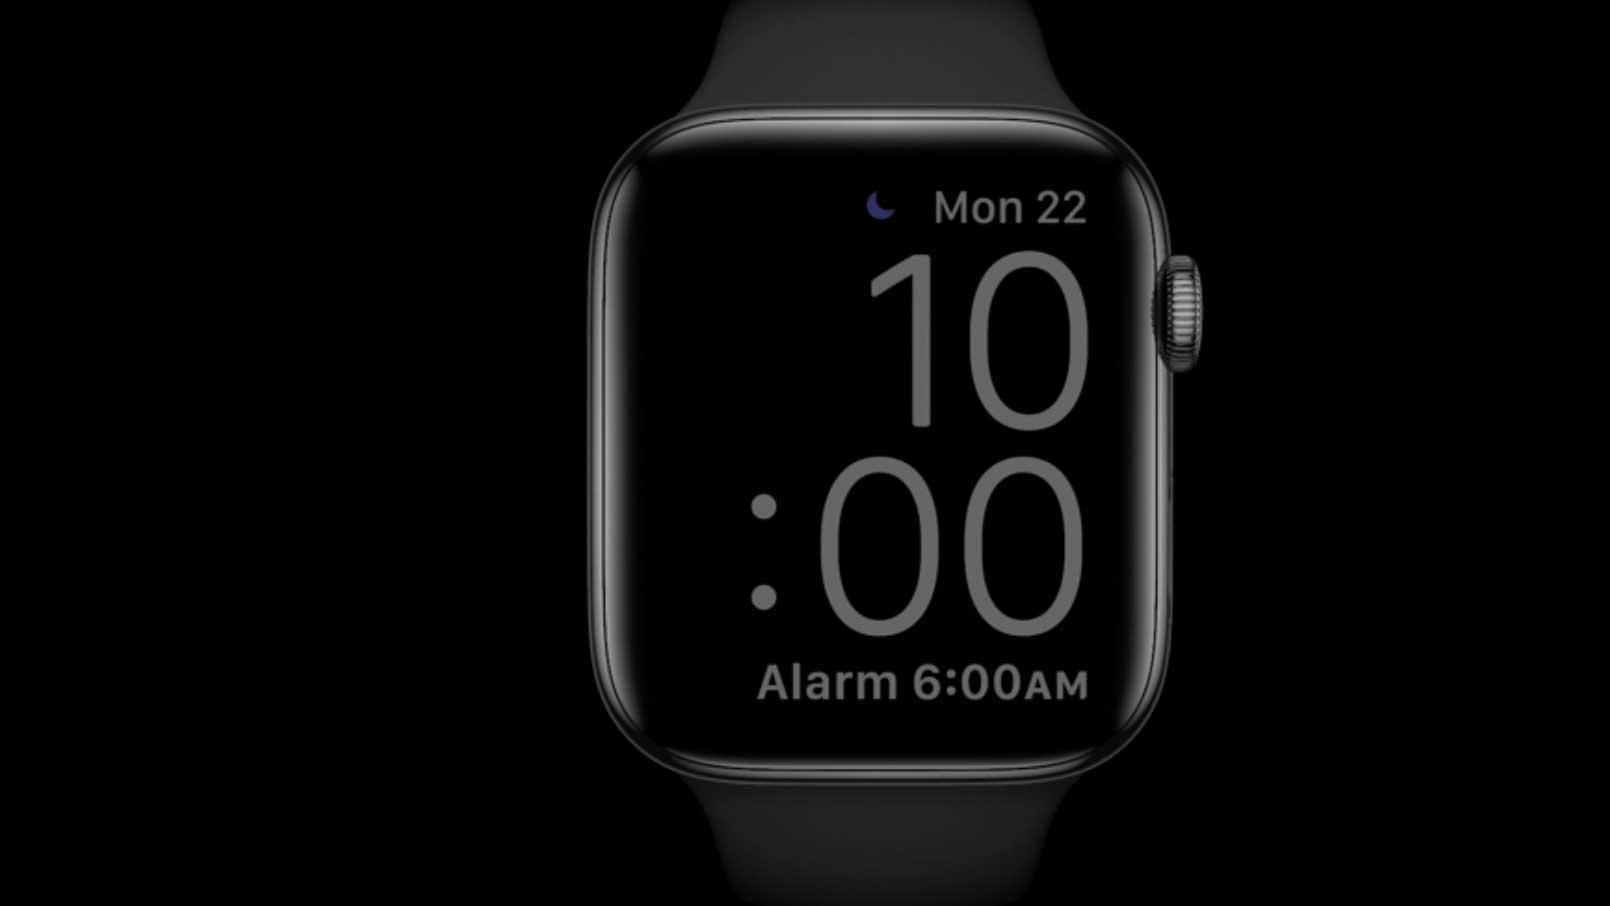 سیستم عامل WatchOS 7 با ویژگی پایش خواب رسما معرفی شد